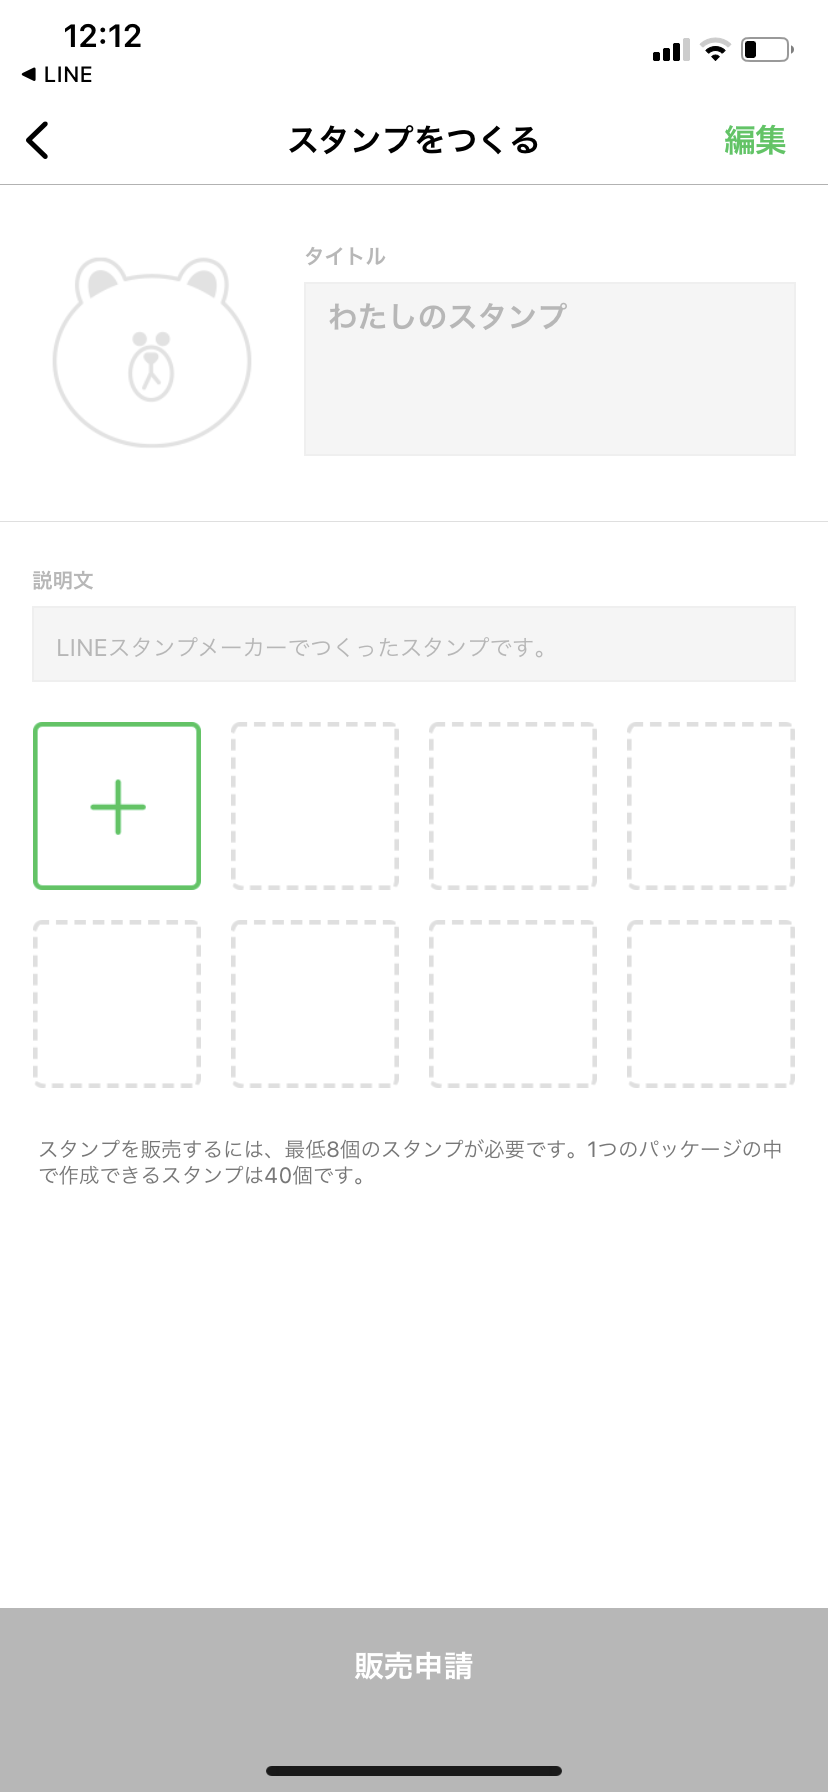 LINE(ライン)LINEスタンプメーカーを使ったヨコさんのクチコミ画像1